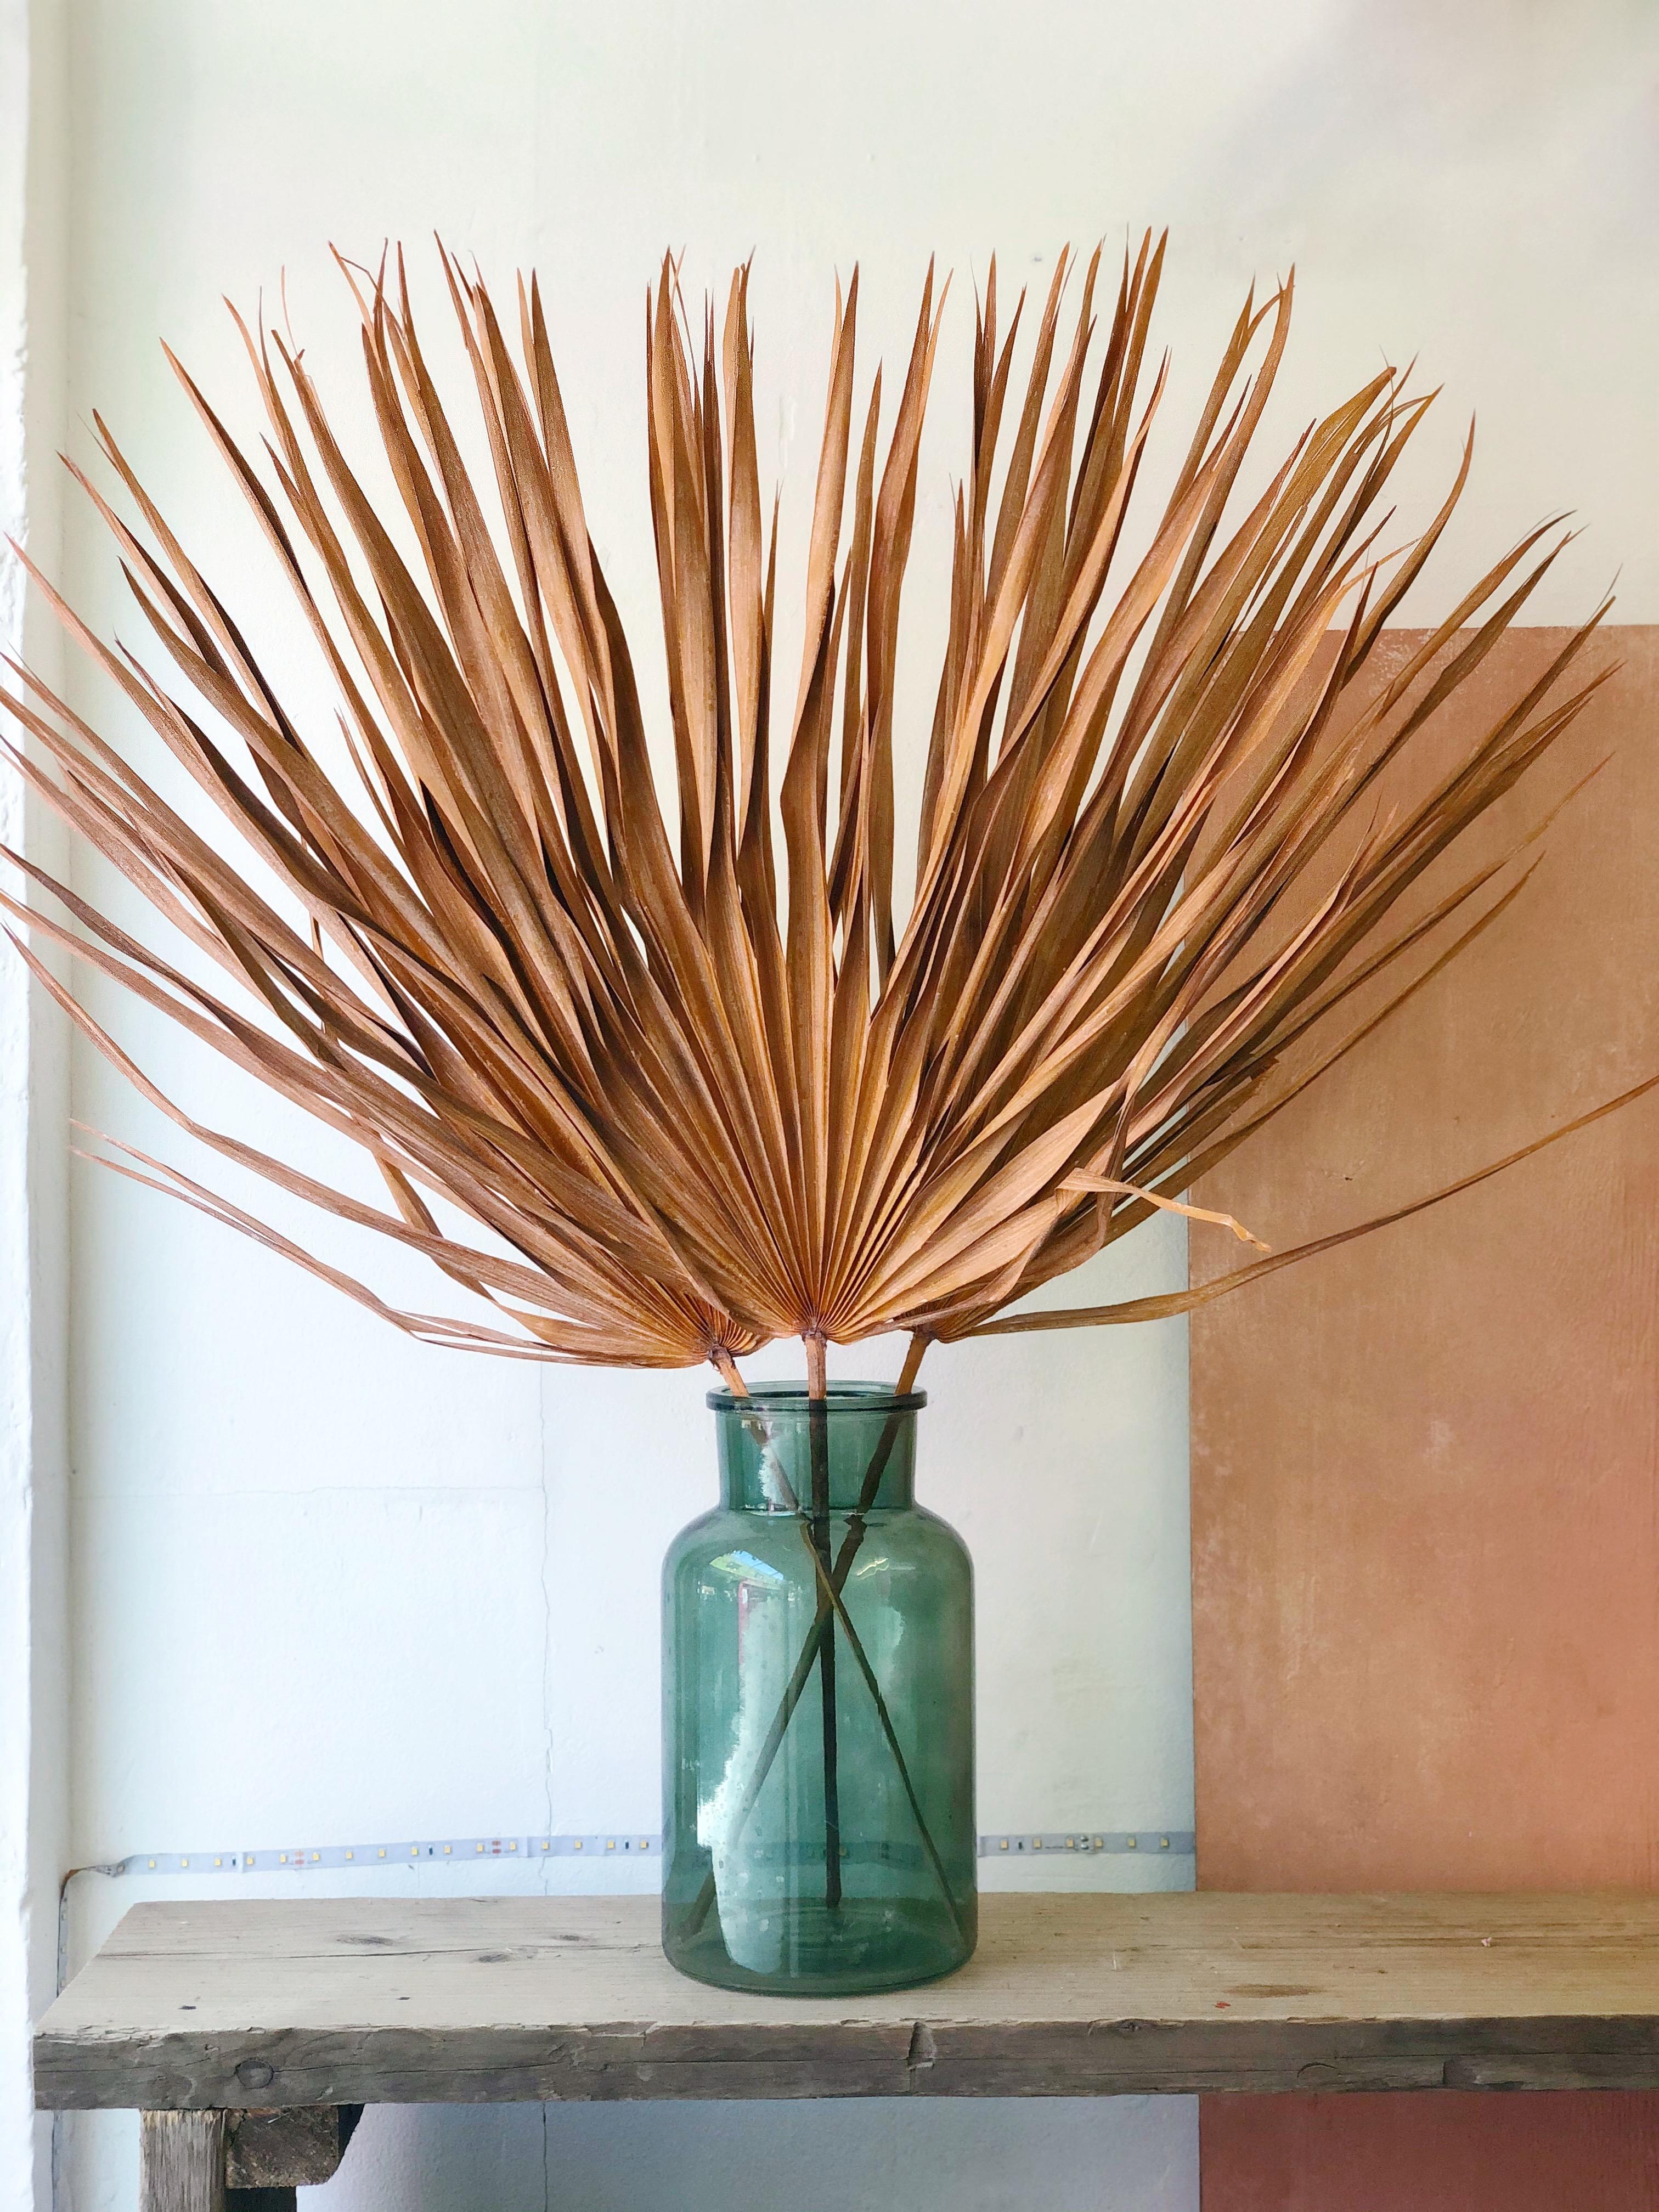 Peach palm leaves